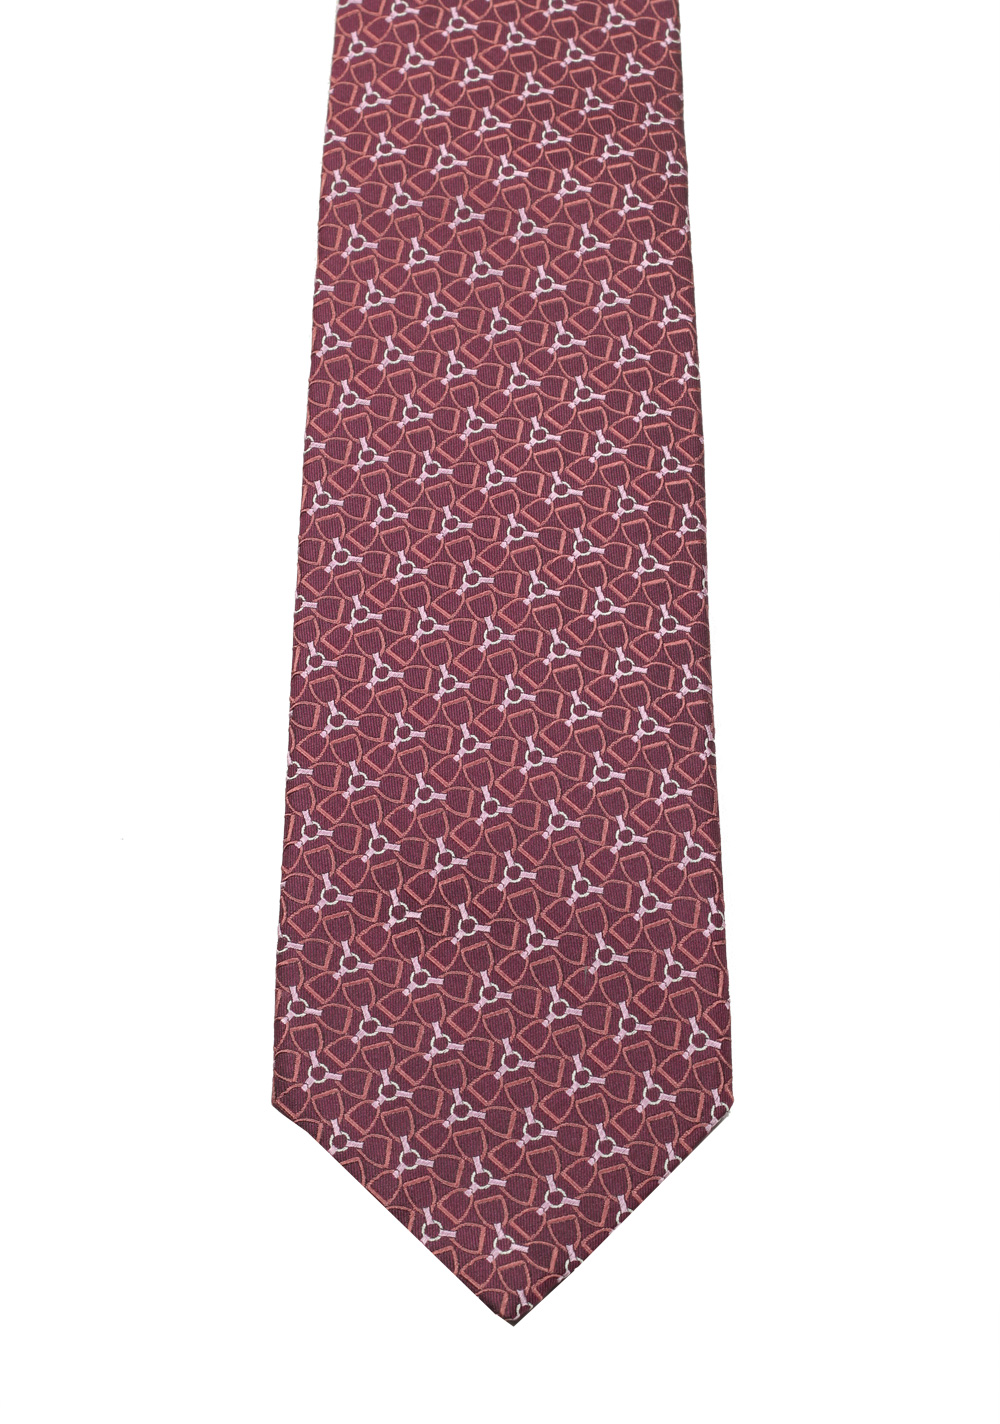 Gucci Purple Patterned Tie | Costume Limité